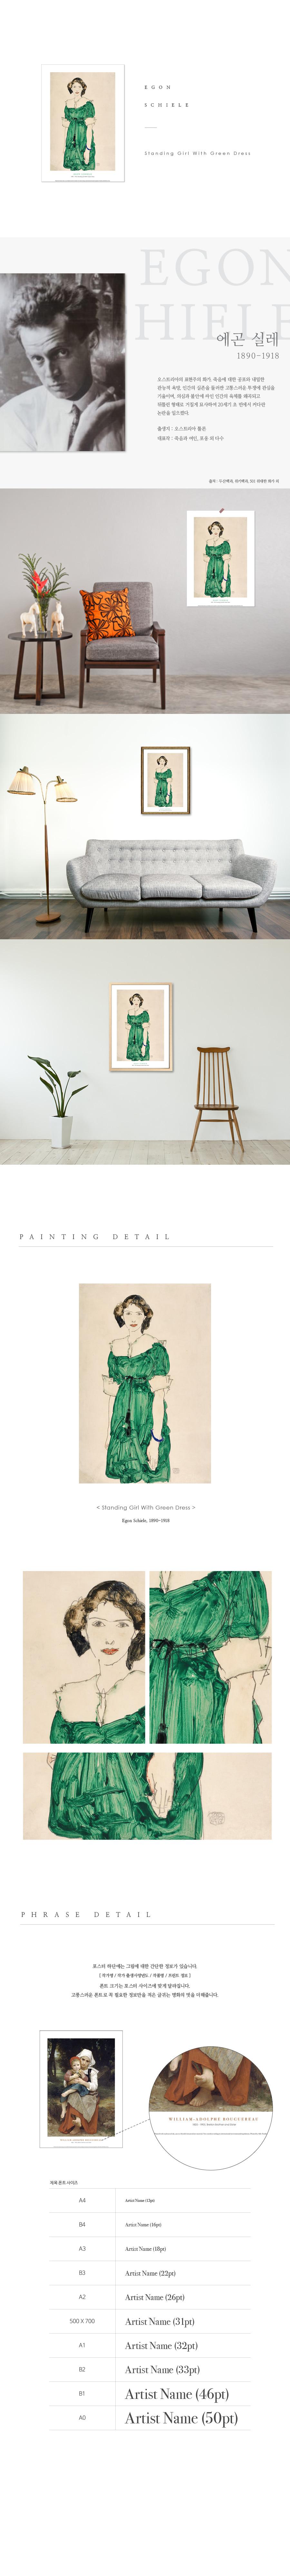 명화포스터 - Standing Girl With Green Dress - 에곤 실레 02914,000원-에이블밤부인테리어, 액자/홈갤러리, 홈갤러리, 명화/민화아트바보사랑명화포스터 - Standing Girl With Green Dress - 에곤 실레 02914,000원-에이블밤부인테리어, 액자/홈갤러리, 홈갤러리, 명화/민화아트바보사랑